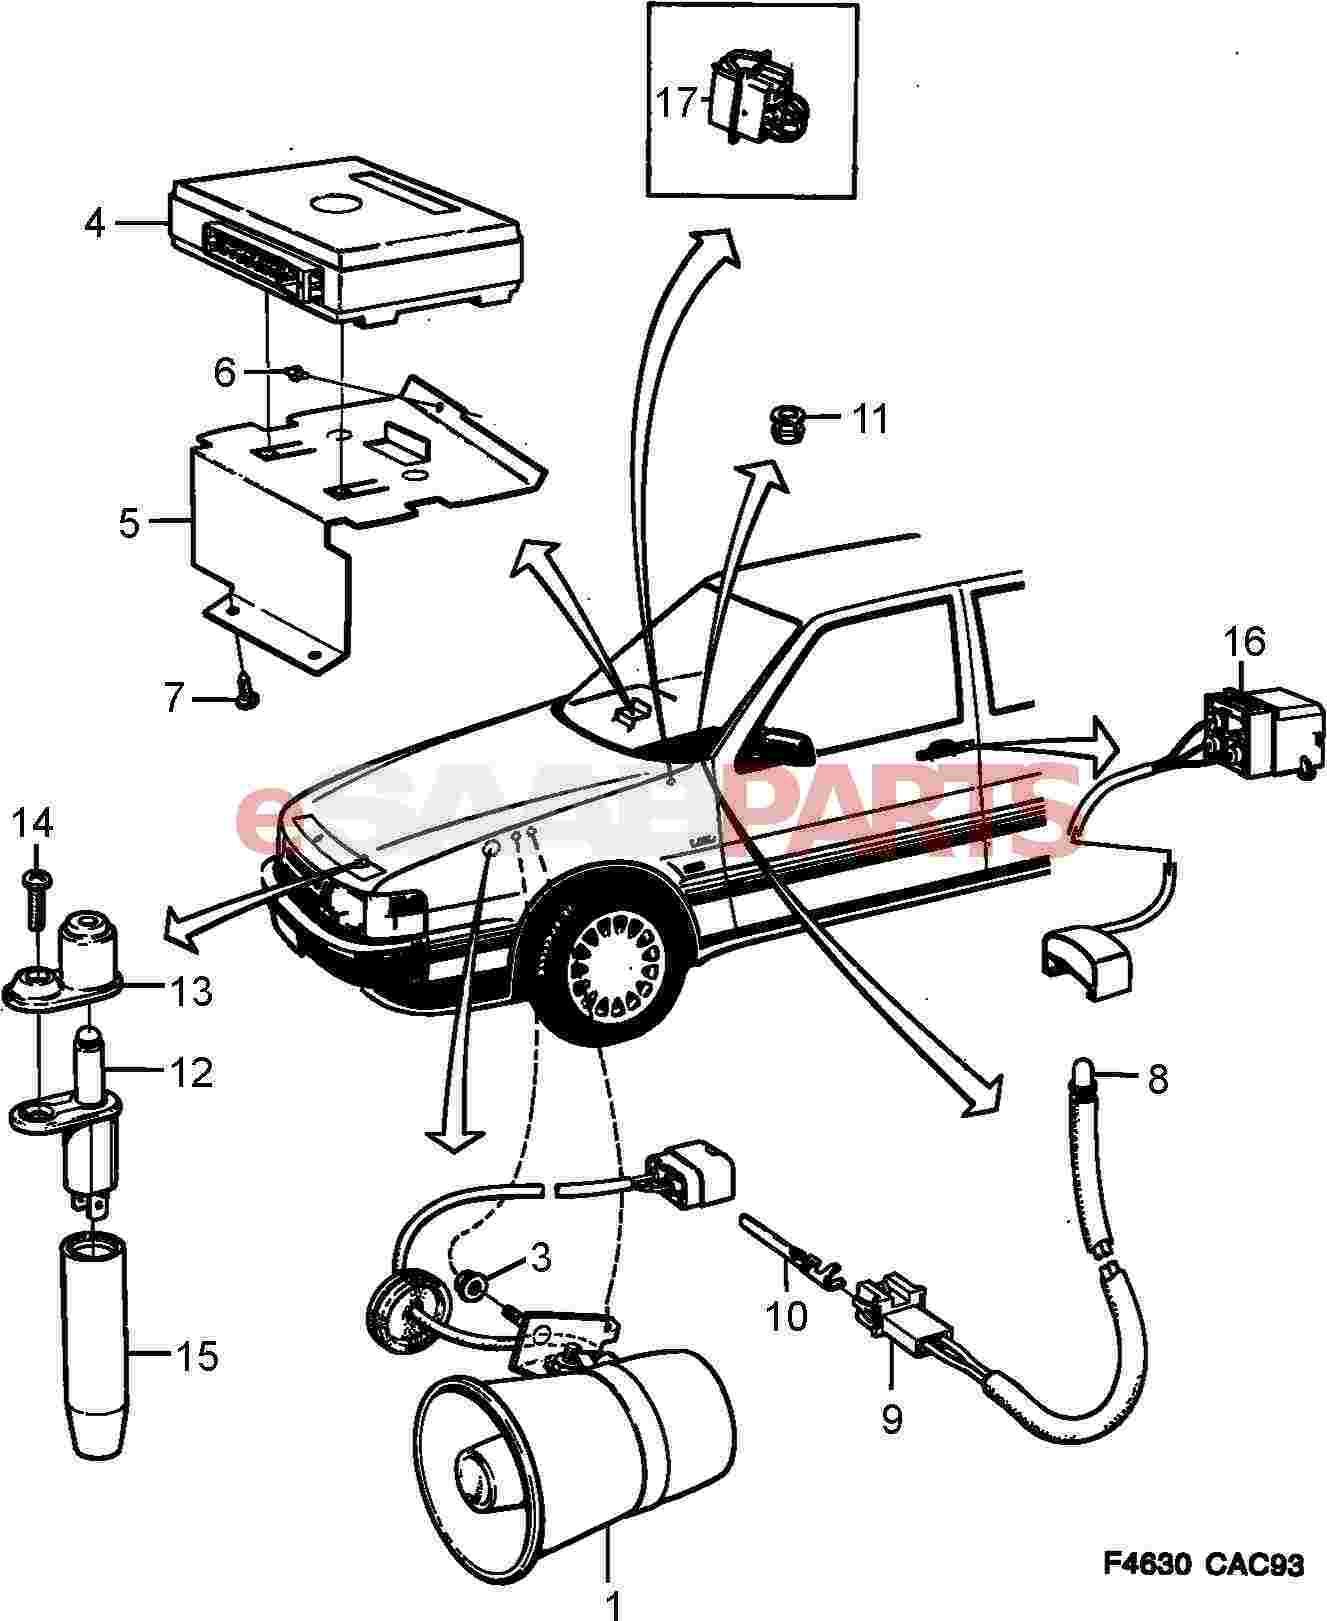 audiovox car alarm wiring diagram land cruiser 120 aps25c